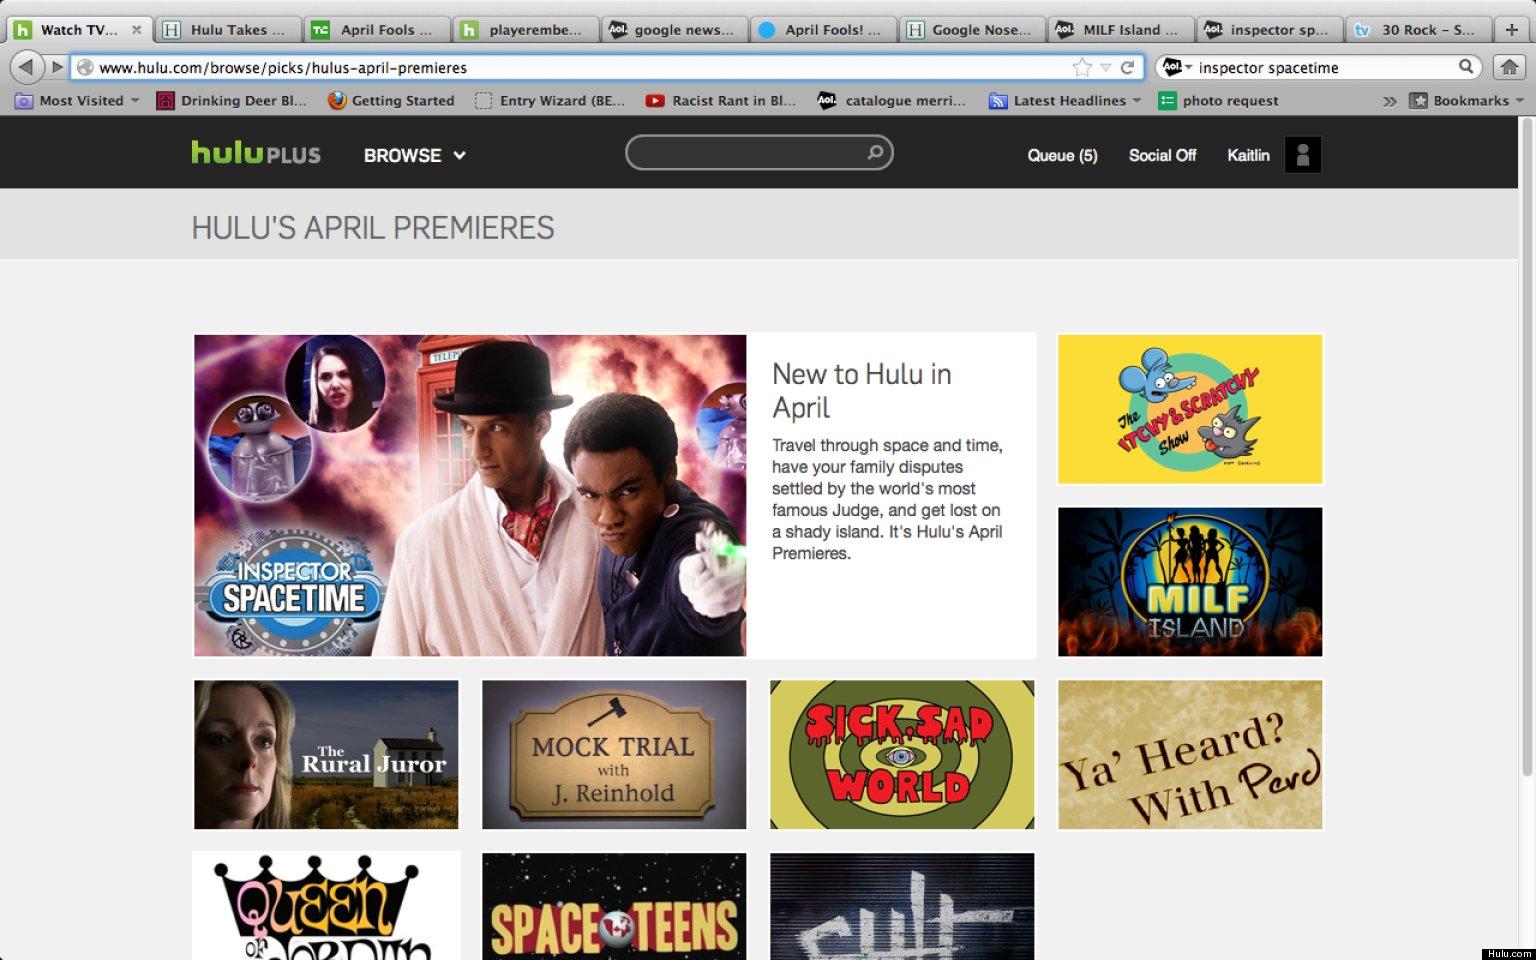 'MILF Island' On Hulu?